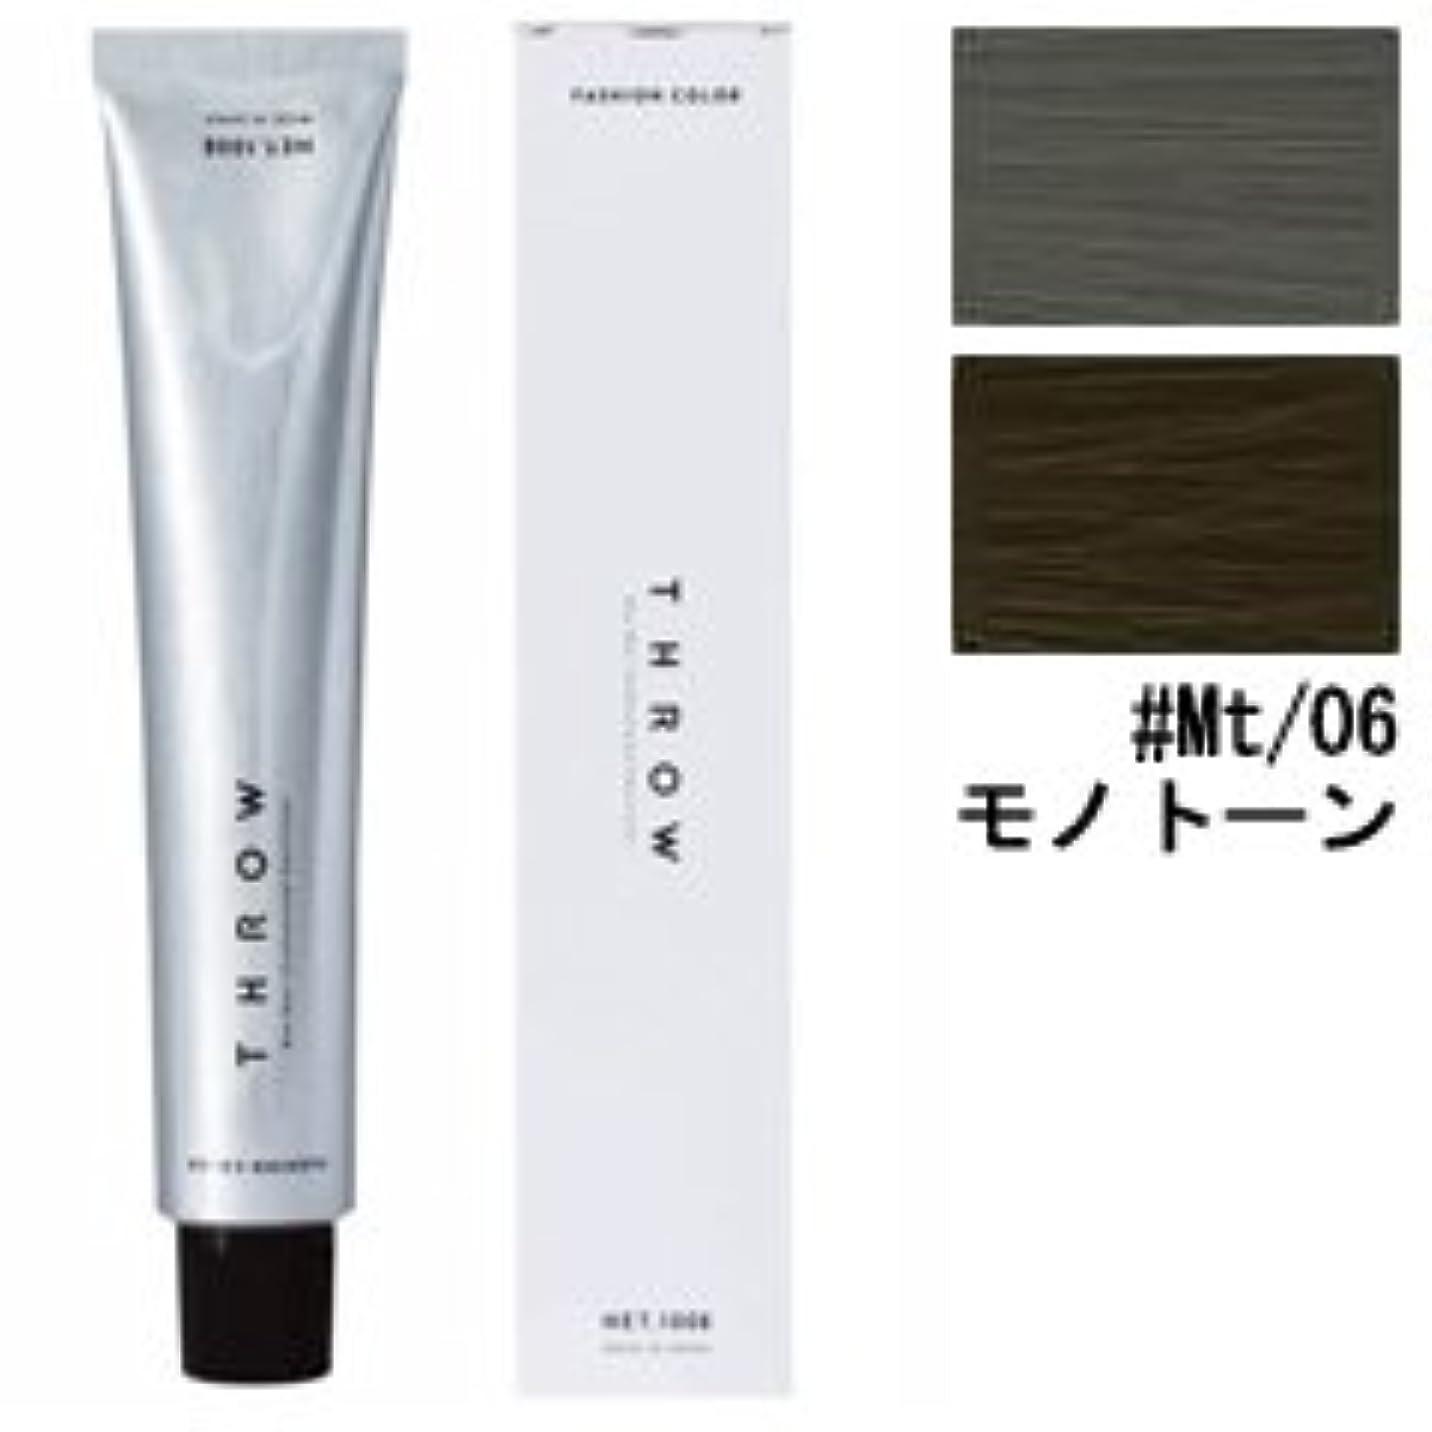 理容室賃金ルーチン【モルトベーネ】スロウ ファッションカラー #Mt/06 モノトーン 100g